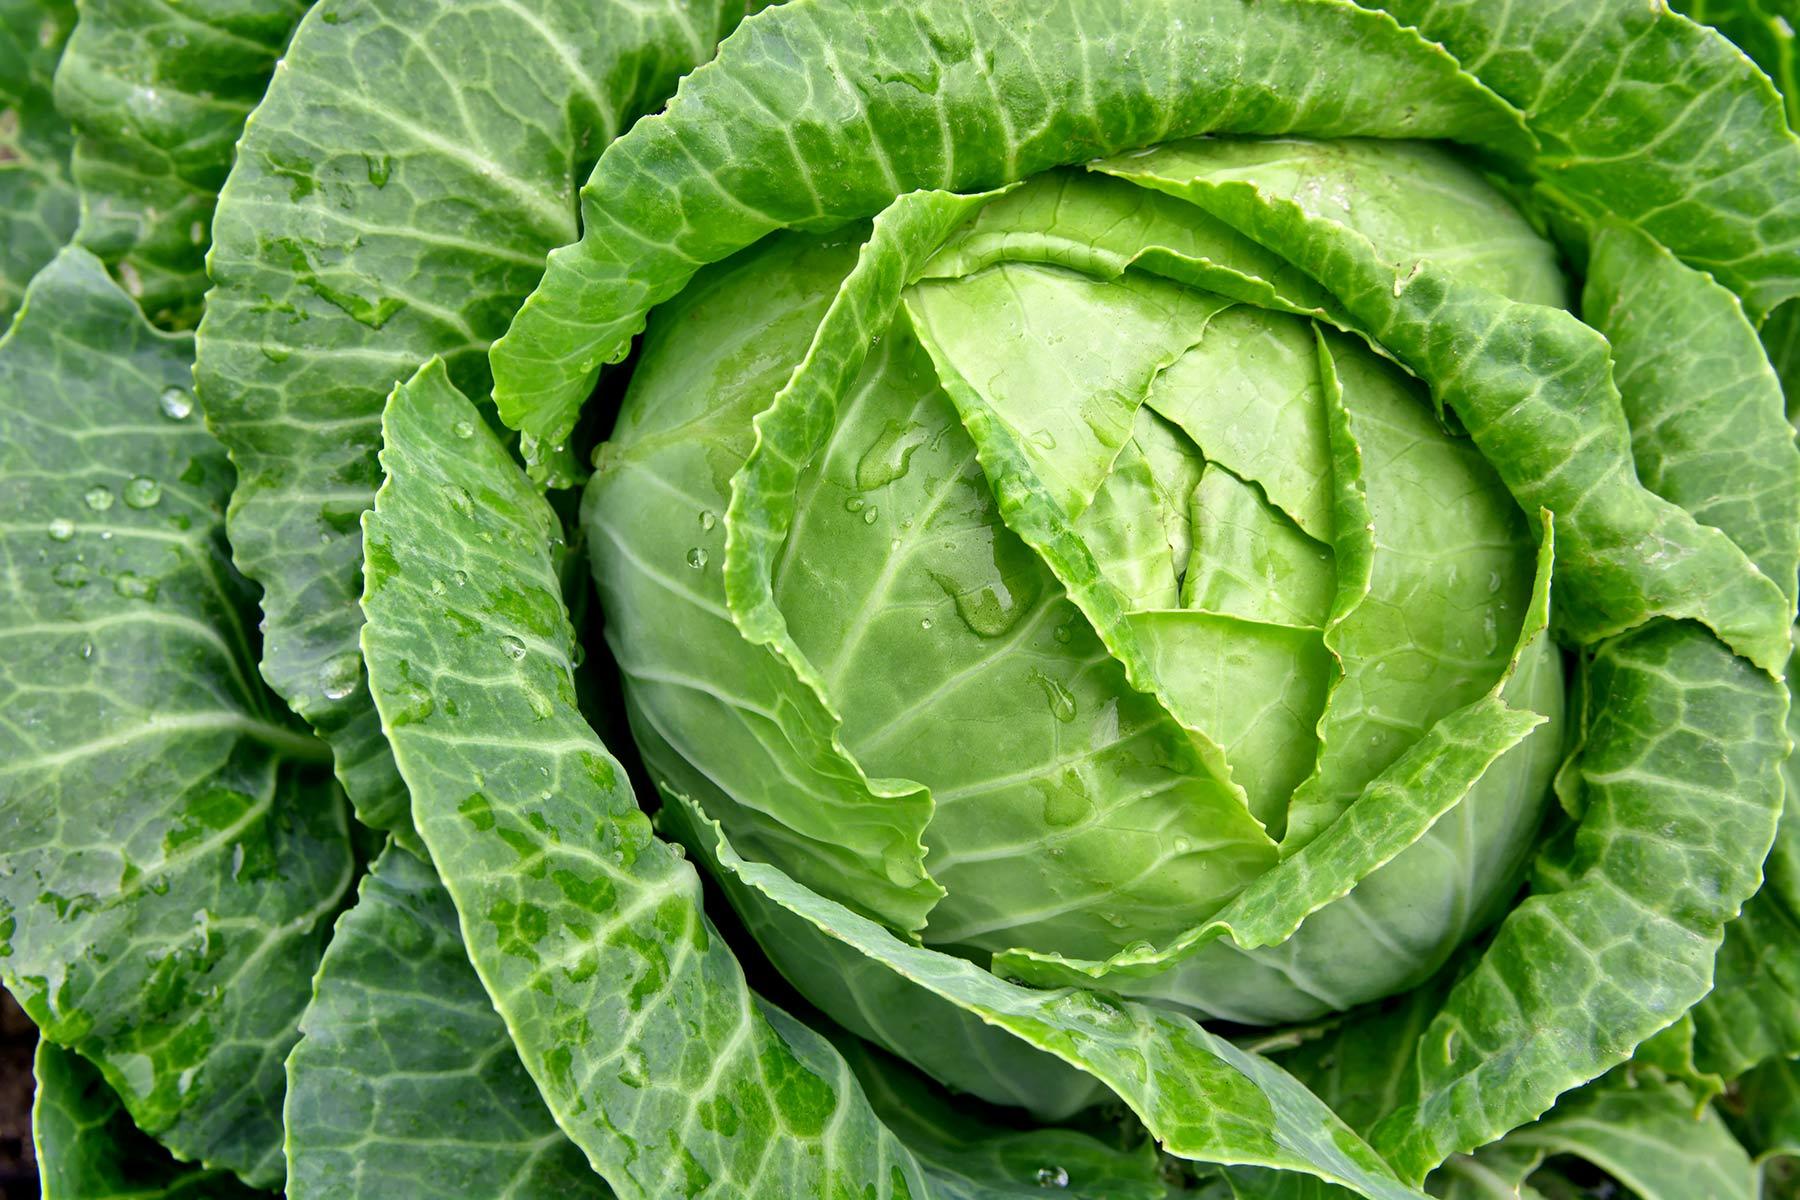 A meglepetés zöldség, a káposzta volt.